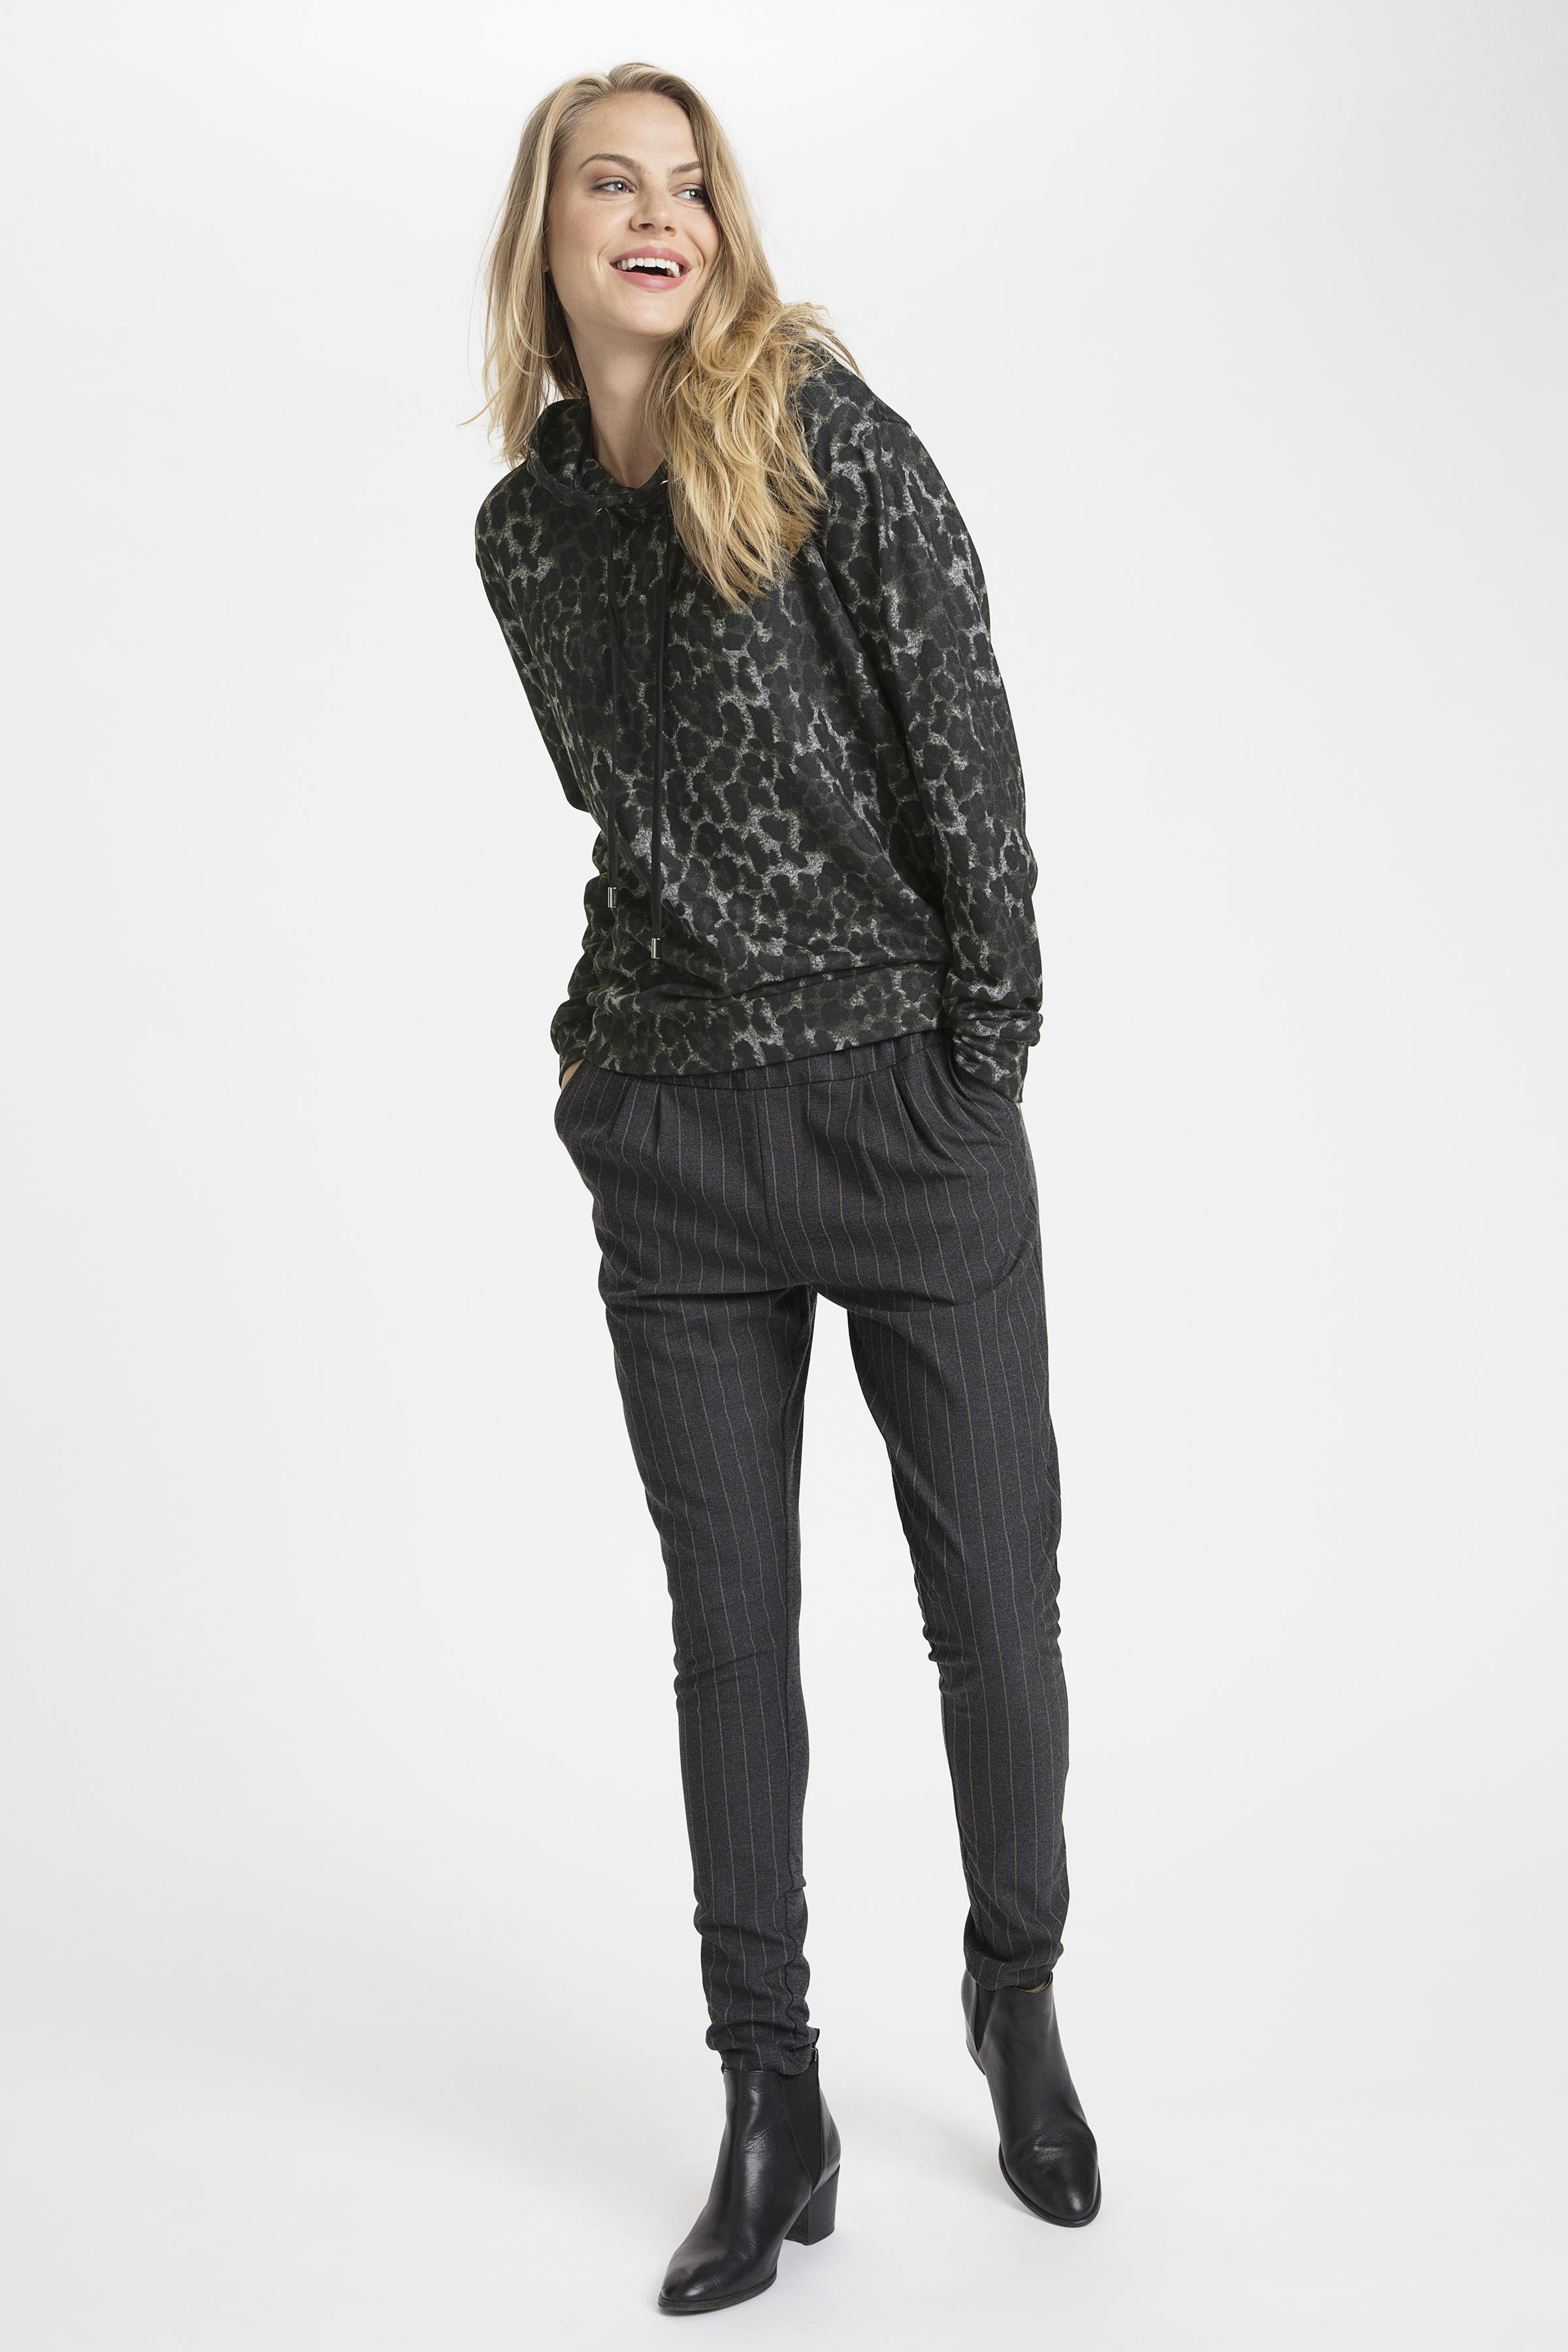 Dunkelgrau meliert/schwarz Sweatshirt von Kaffe – Shoppen Sie Dunkelgrau meliert/schwarz Sweatshirt ab Gr. XS-XXL hier